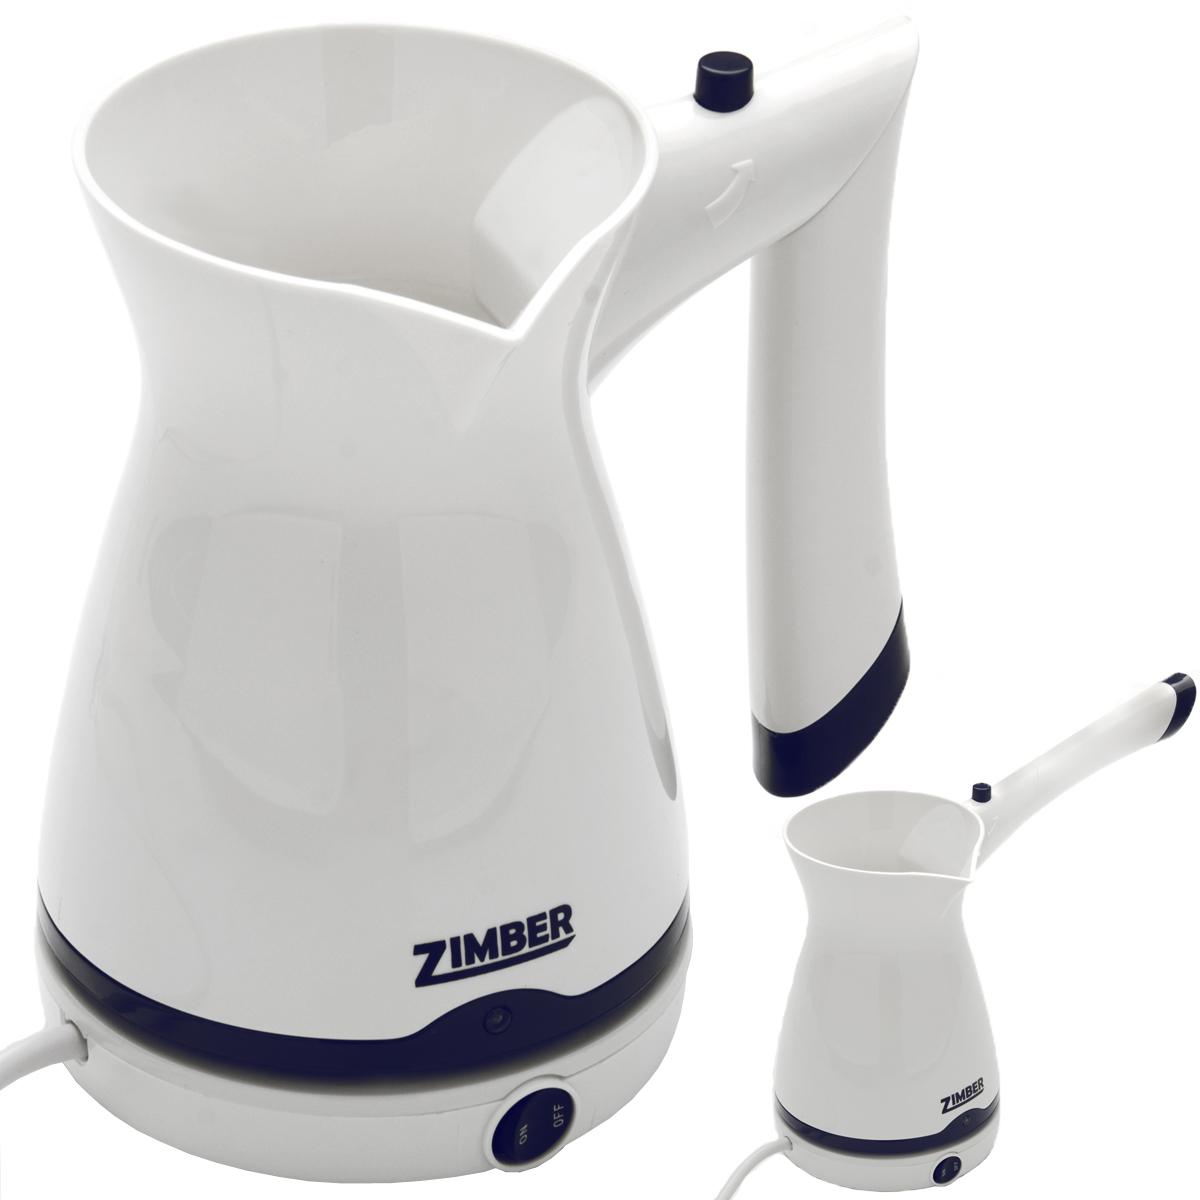 Zimber ZM-10866 электротуркаZM-10866Электротурка Zimber ZM-10866, выполненная из высококачественного пластика, позволит вам приготовить вкусный натуральный кофе. Нагревательный элемент выполнен из высококачественной нержавеющей стали, которая не впитывает запахи, на ней не образуется темный налет. Настоящие ценители кофе обязательно оценят ароматный напиток, который они смогут приготовить своими руками.